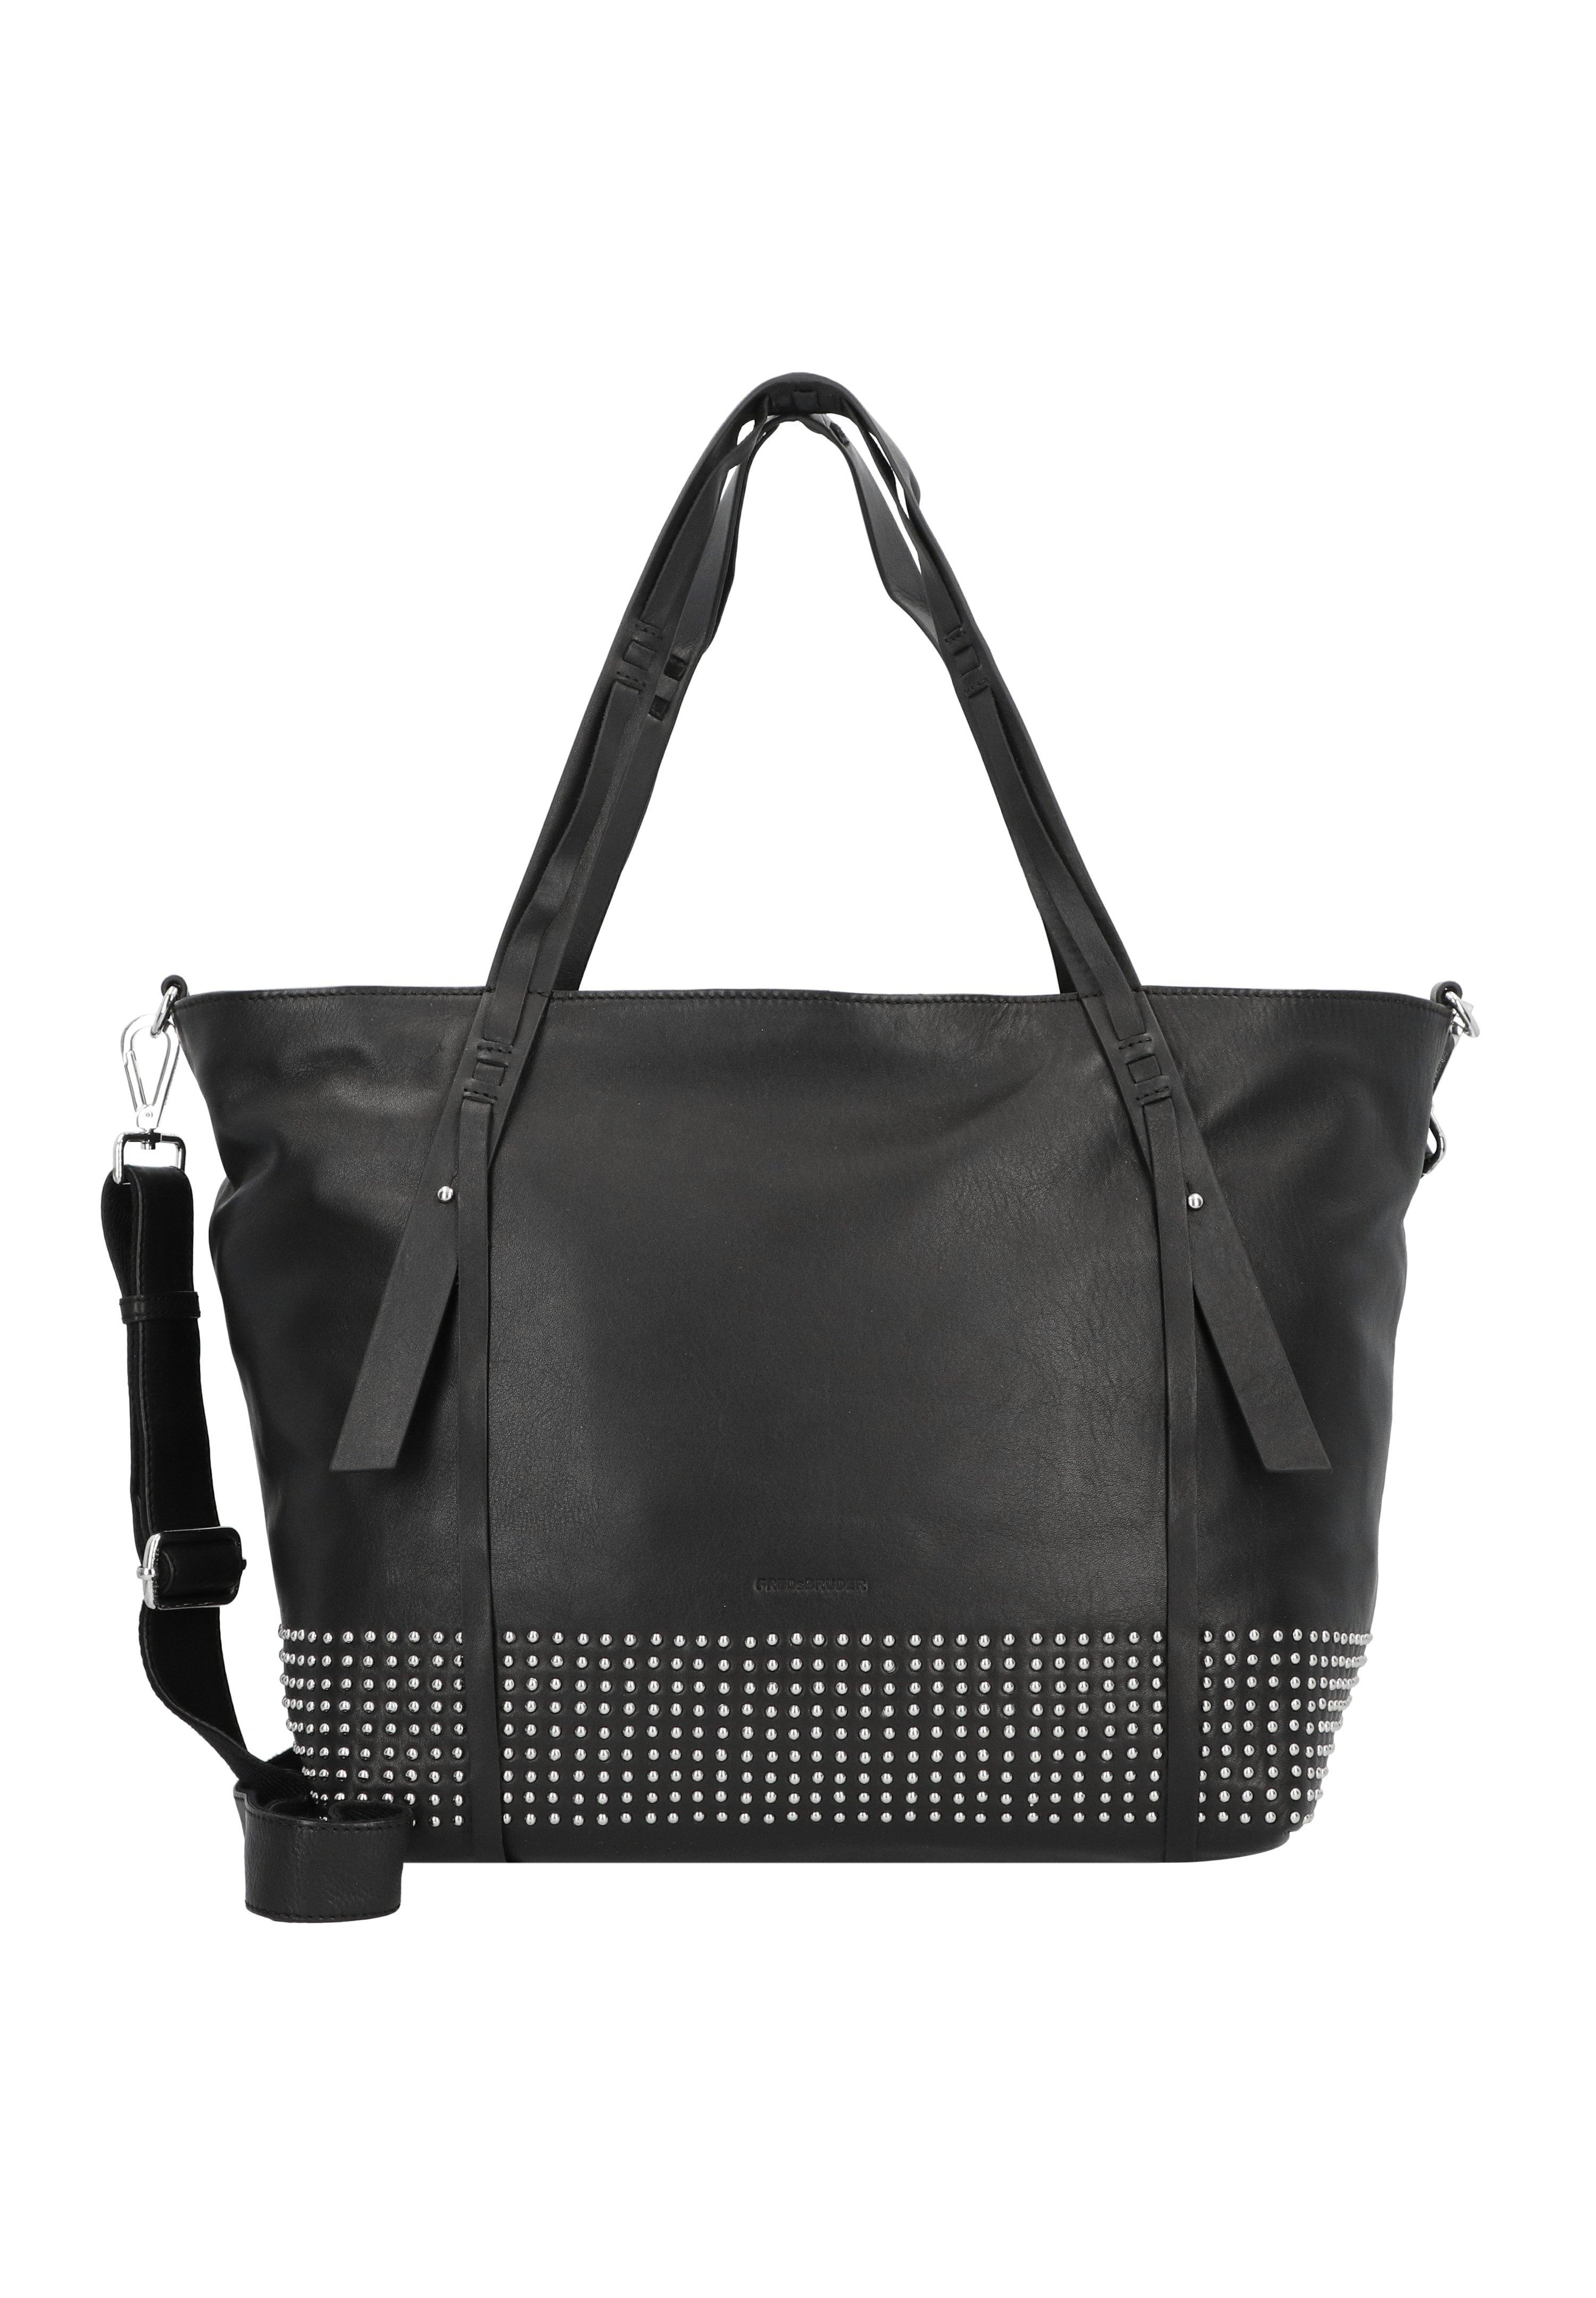 Fredsbruder Pin Up Shopper Tasche Leder 33 Cm - Cabas Black/silver